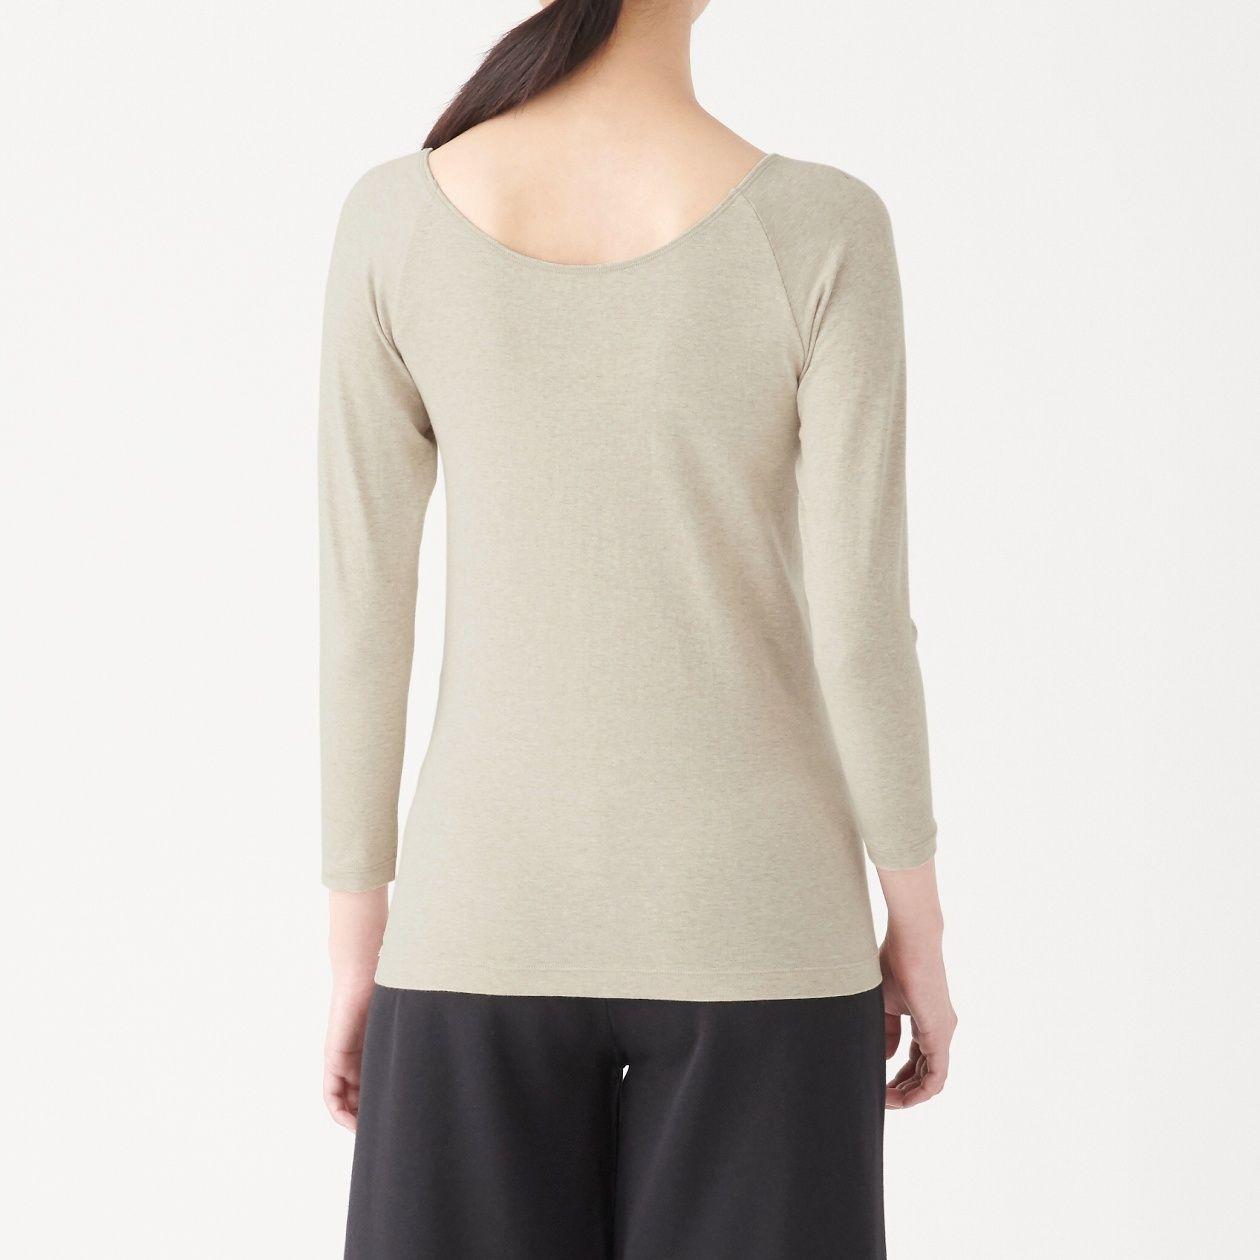 綿であったかVネック八分袖Tシャツカラー写真01